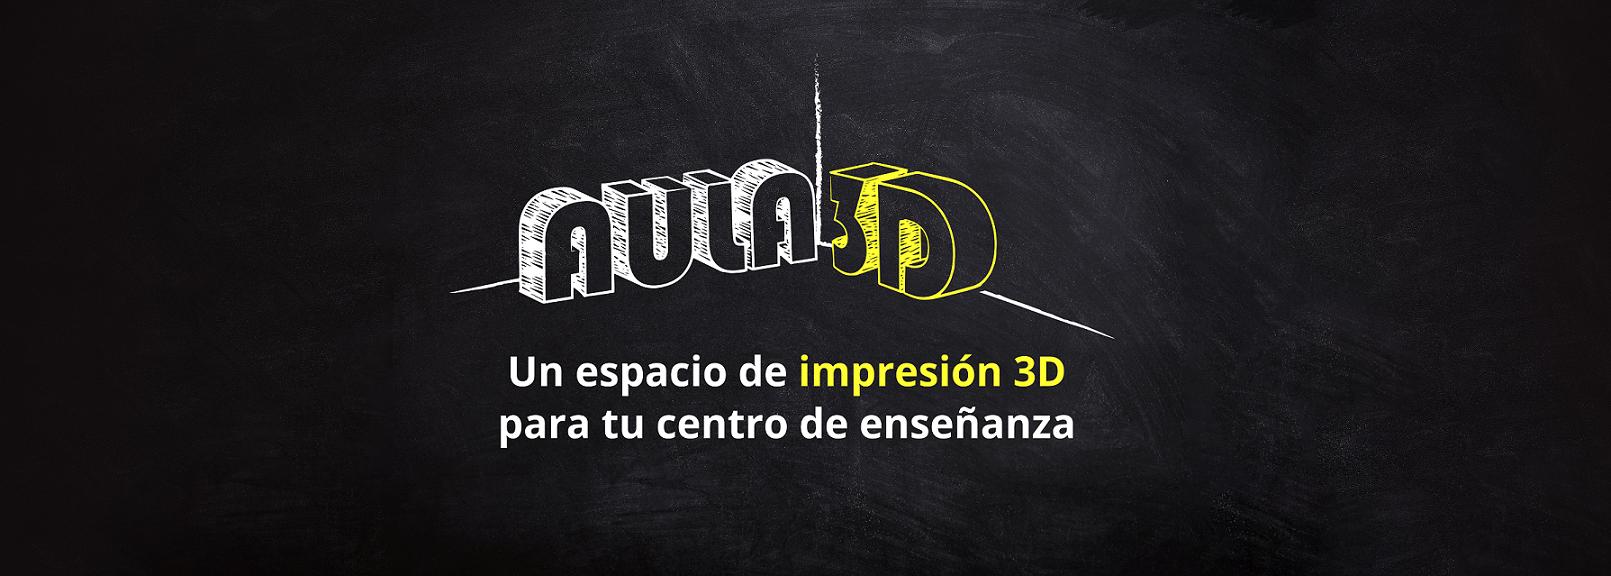 CoLiDo En SIMO EDUCACIÓN 2016 : Dibuprint Y AULA 3D Sus Grandes Bazas